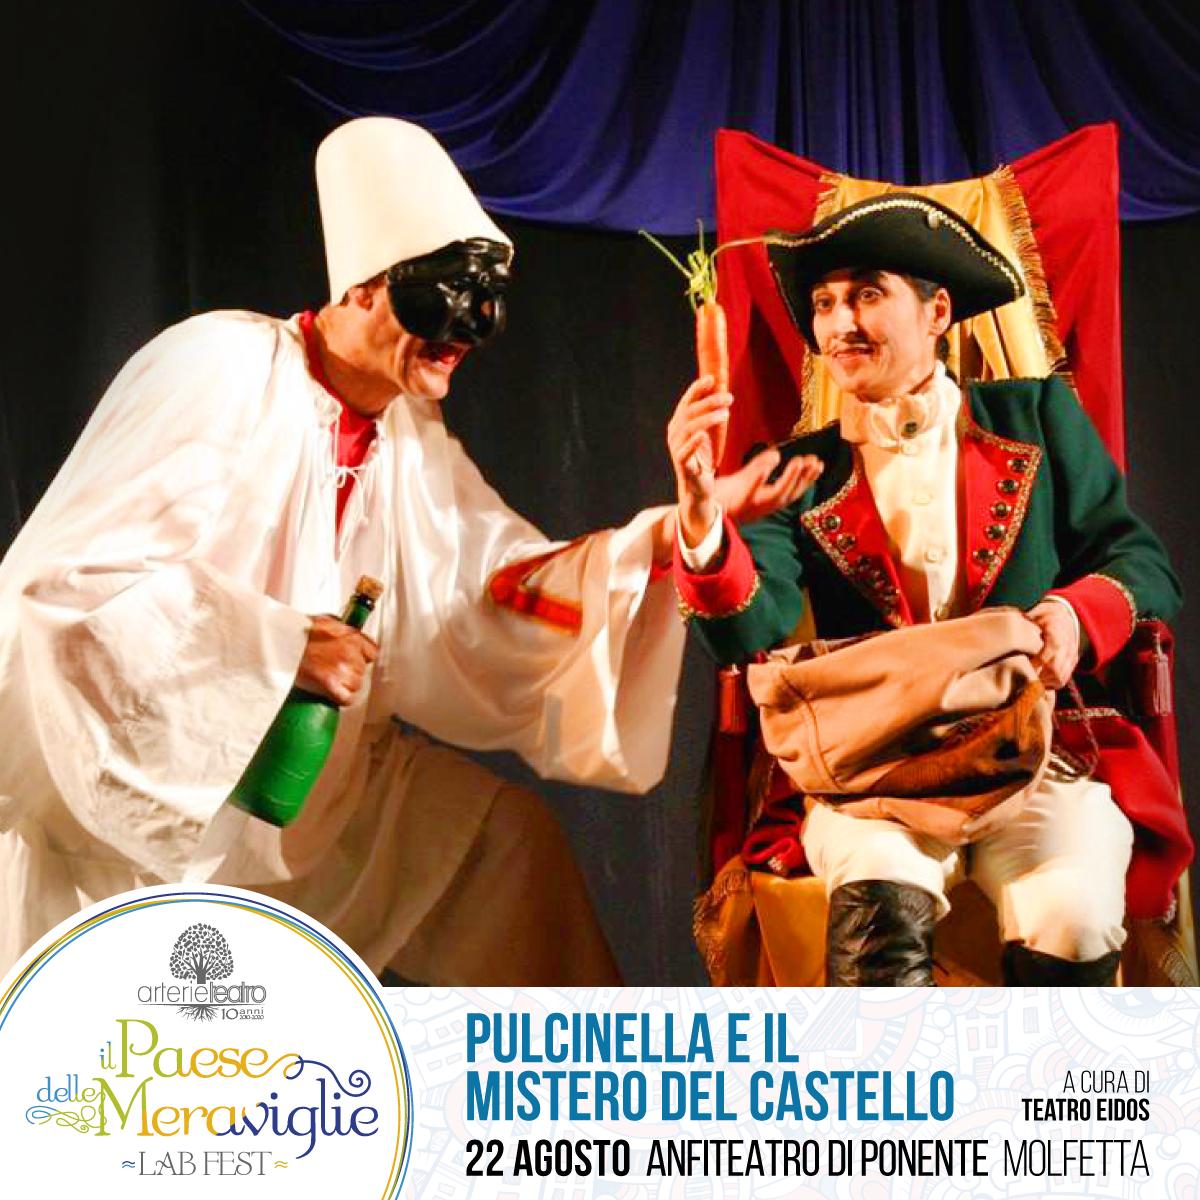 Pulcinella e il mistero del castello - Il Paese delle Meraviglie VI ed. - 2020